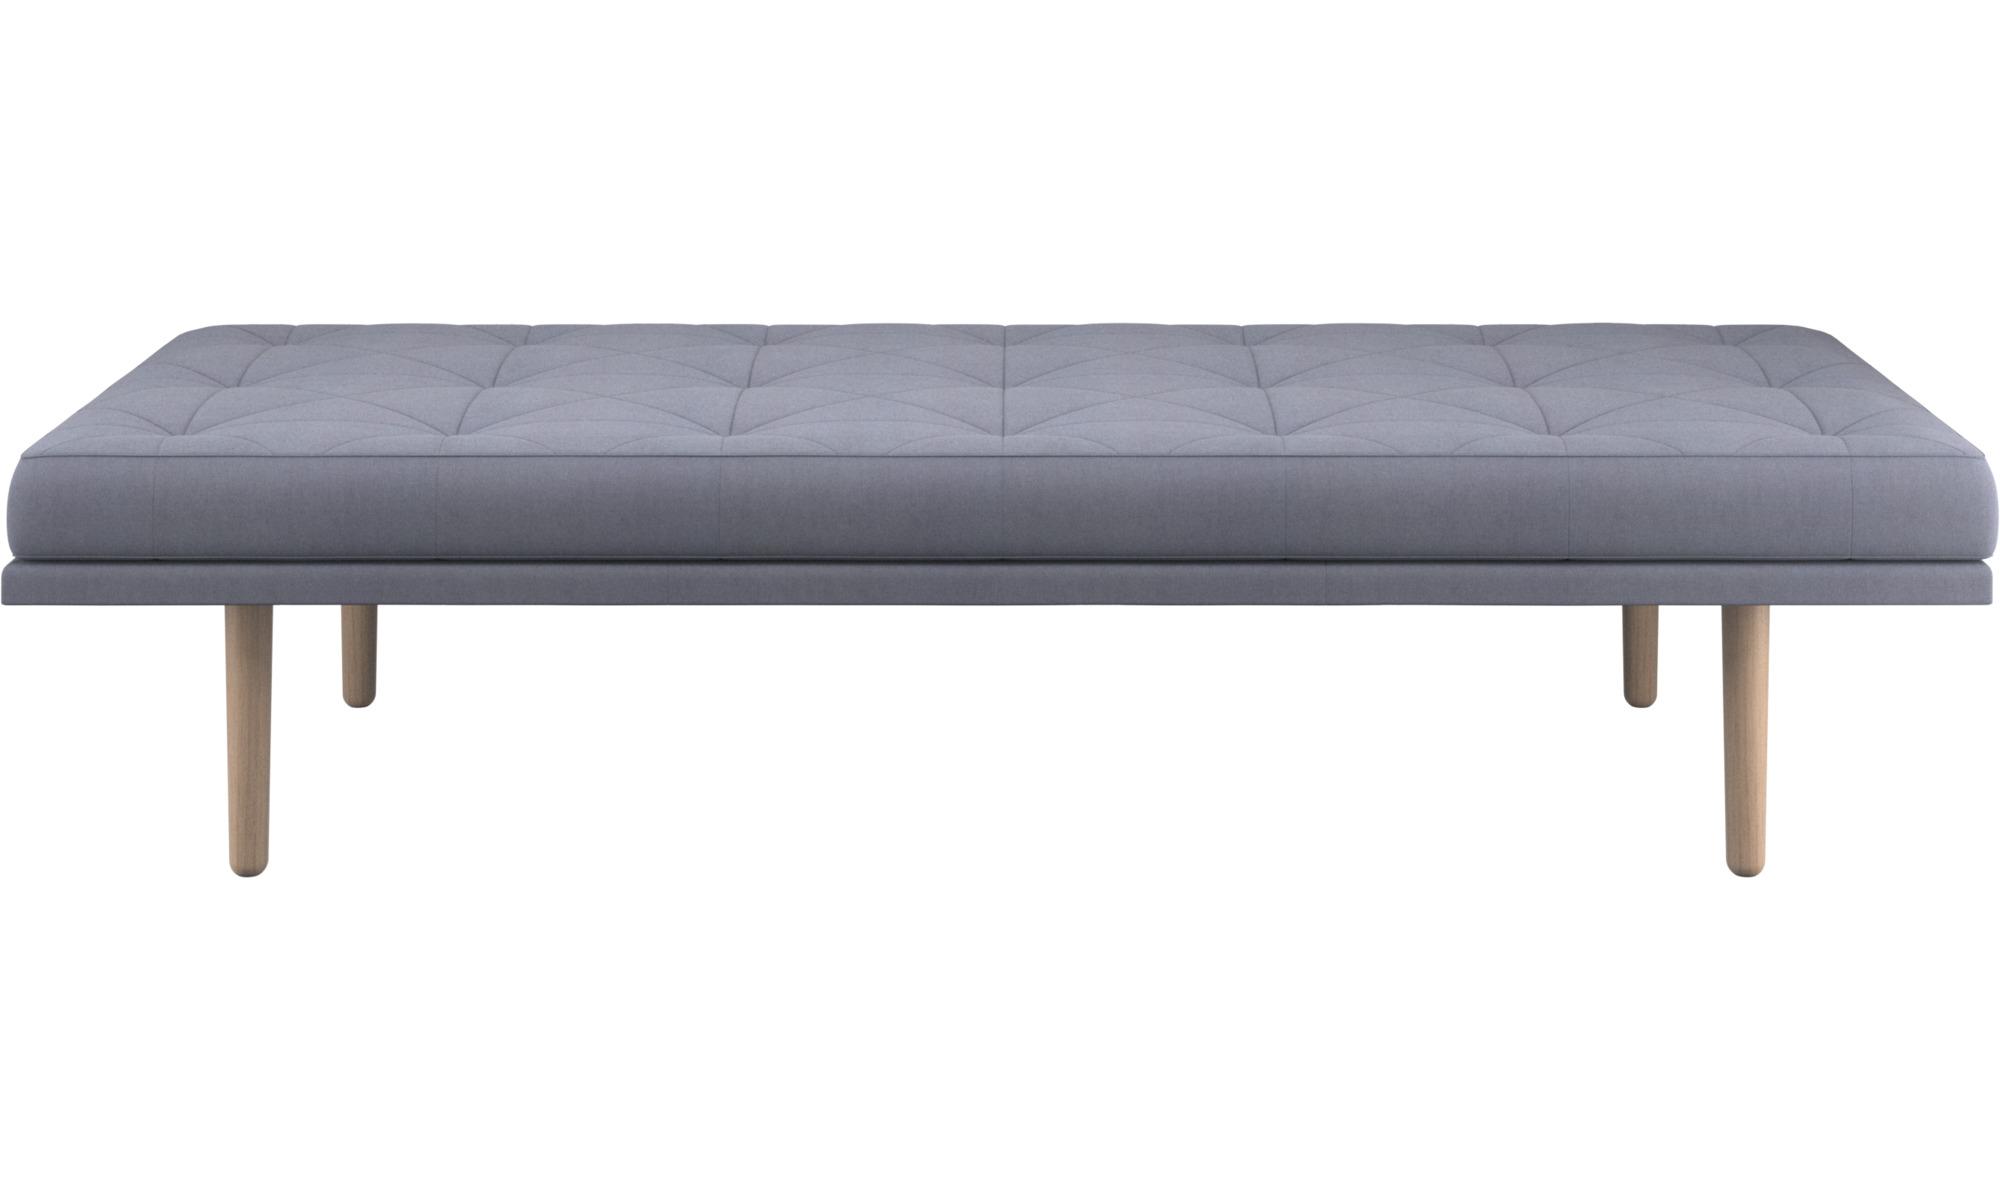 Divanes - Sofá-cama fusion - En azul - Tela